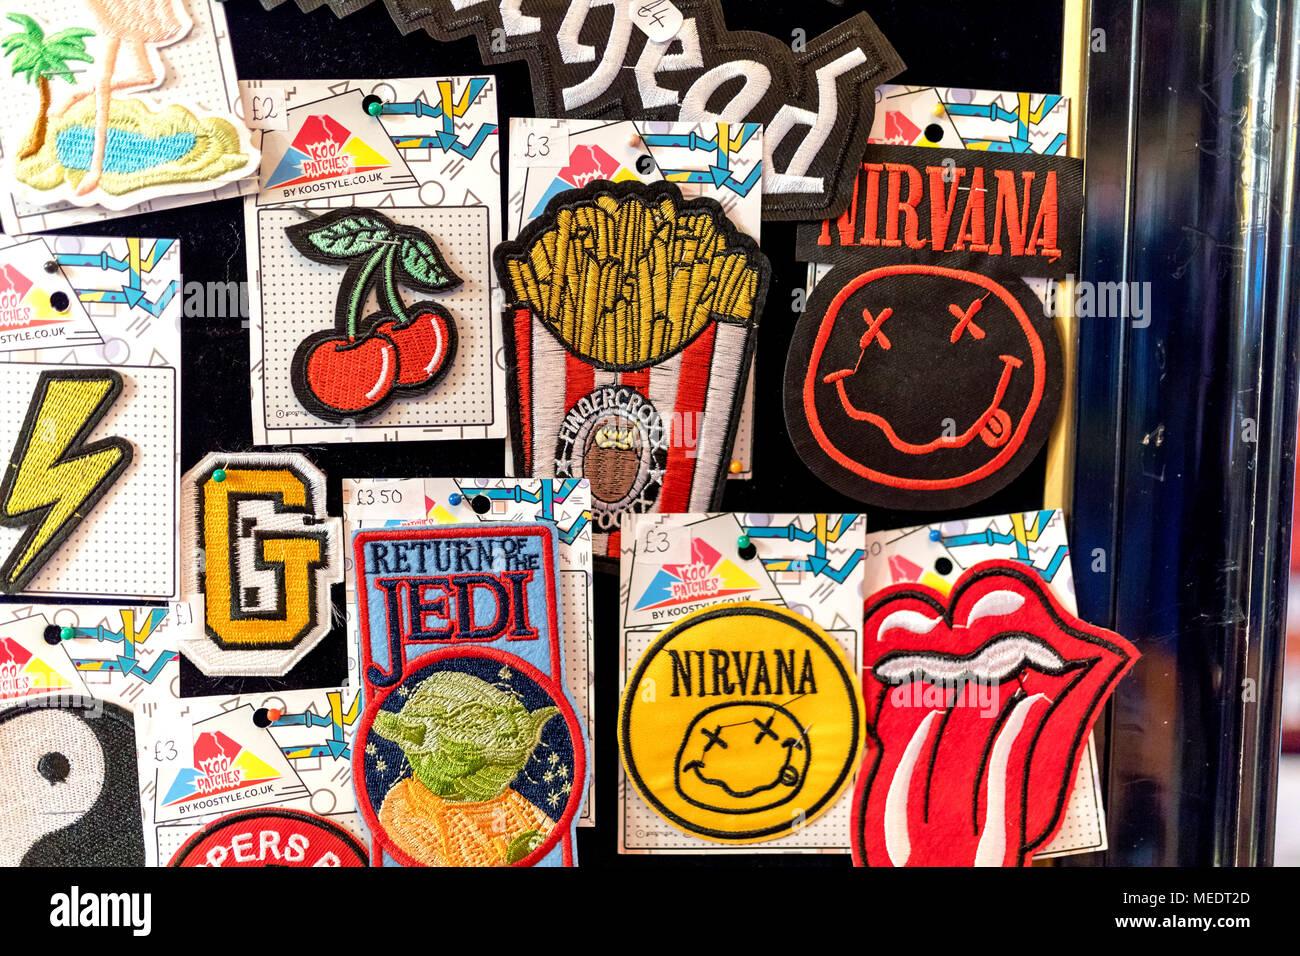 Vintage brodé Metal Rock Punk Pop Music Band coudre Fer à repasser sur les correctifs sur l'affichage au Royaume-Uni y compris Motorhead, ACDC, Nirvana, Rolling Stones et R Photo Stock